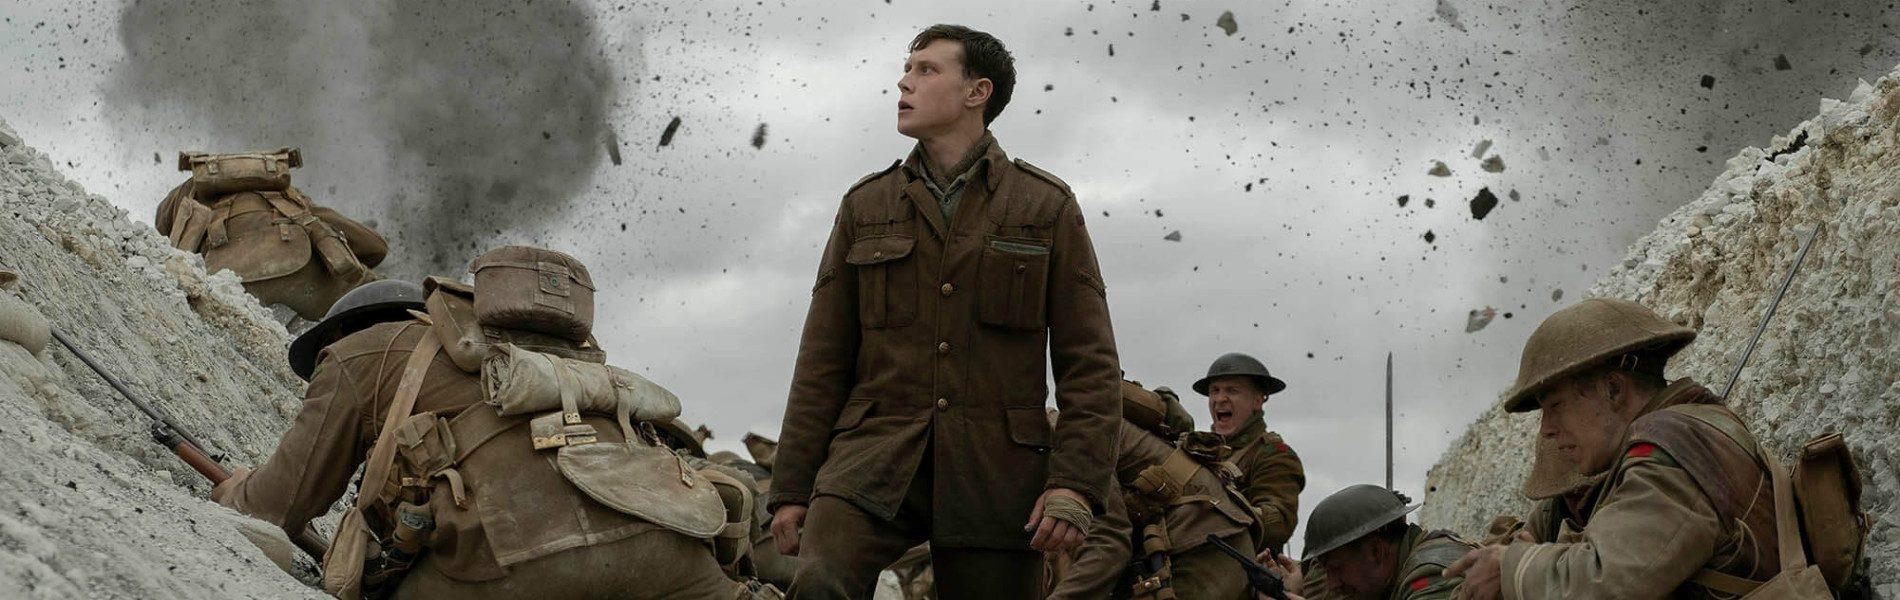 Előzetest kapott a Skyfall rendezőjének első világháborús mozija!